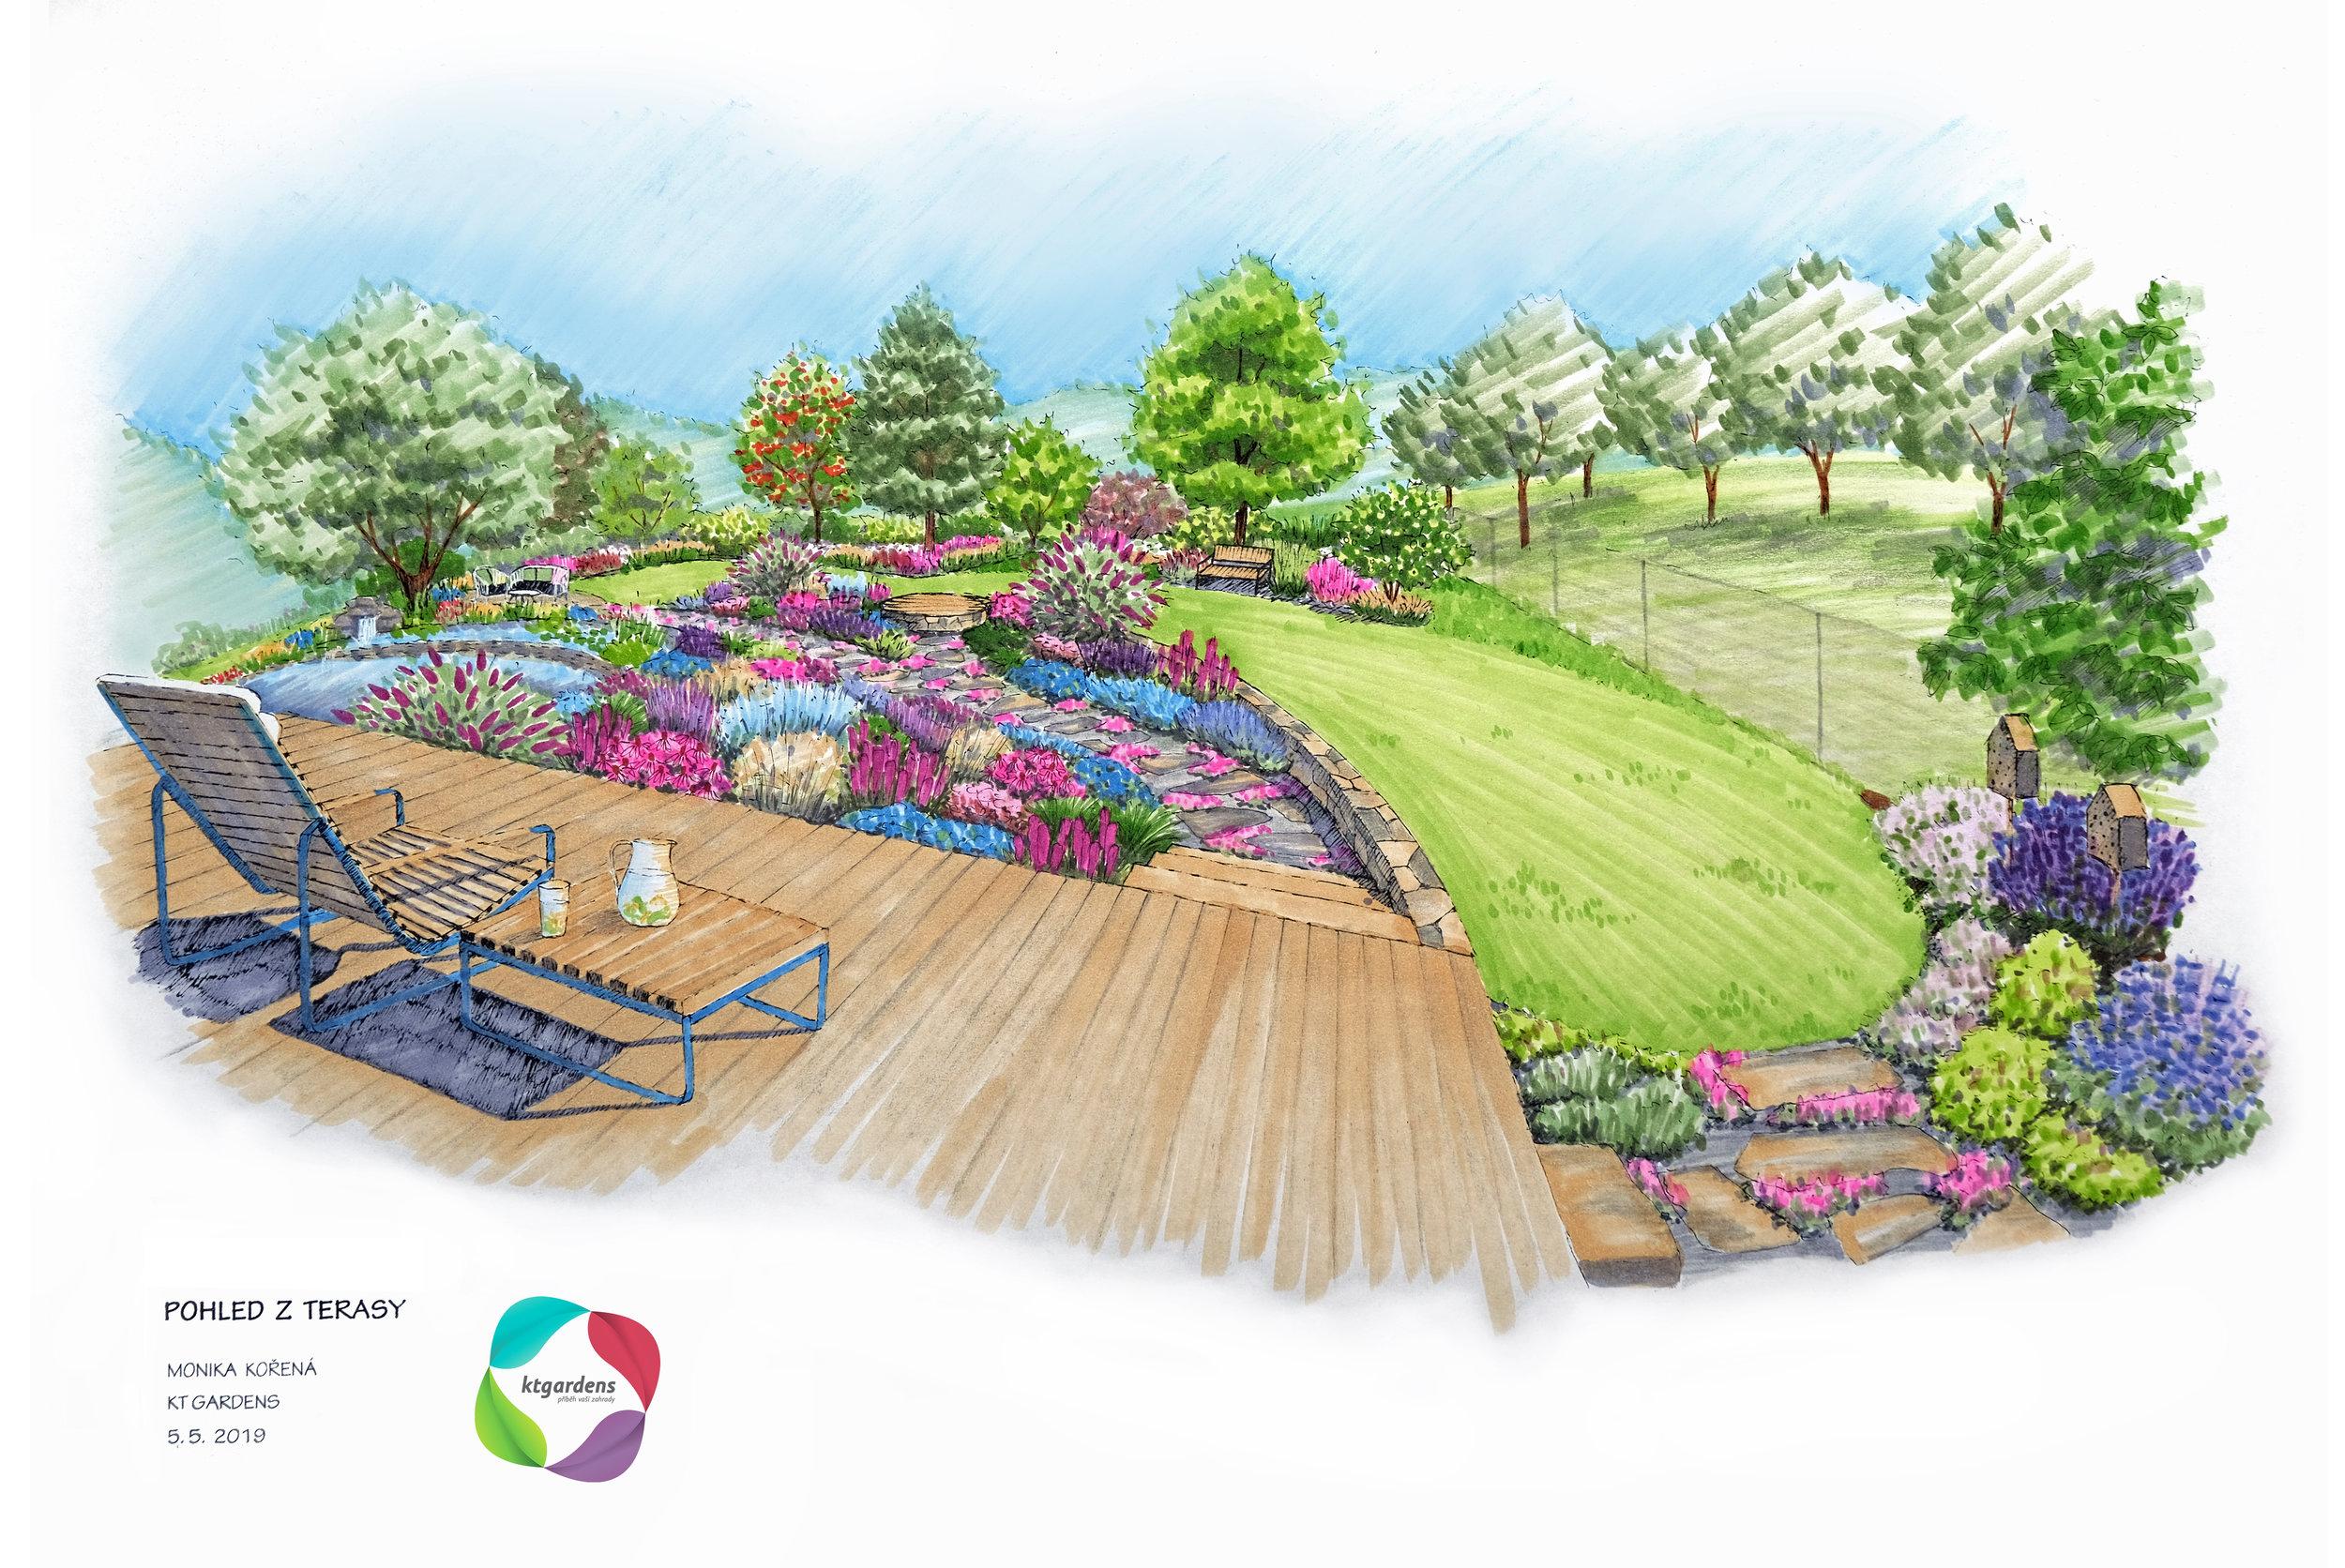 Návrh zahrady v Čeladné, venkovská zahrada, rodinná zahrada, jezírko, trvalky, záhony, terasa, sad, bylinky, KTgardens